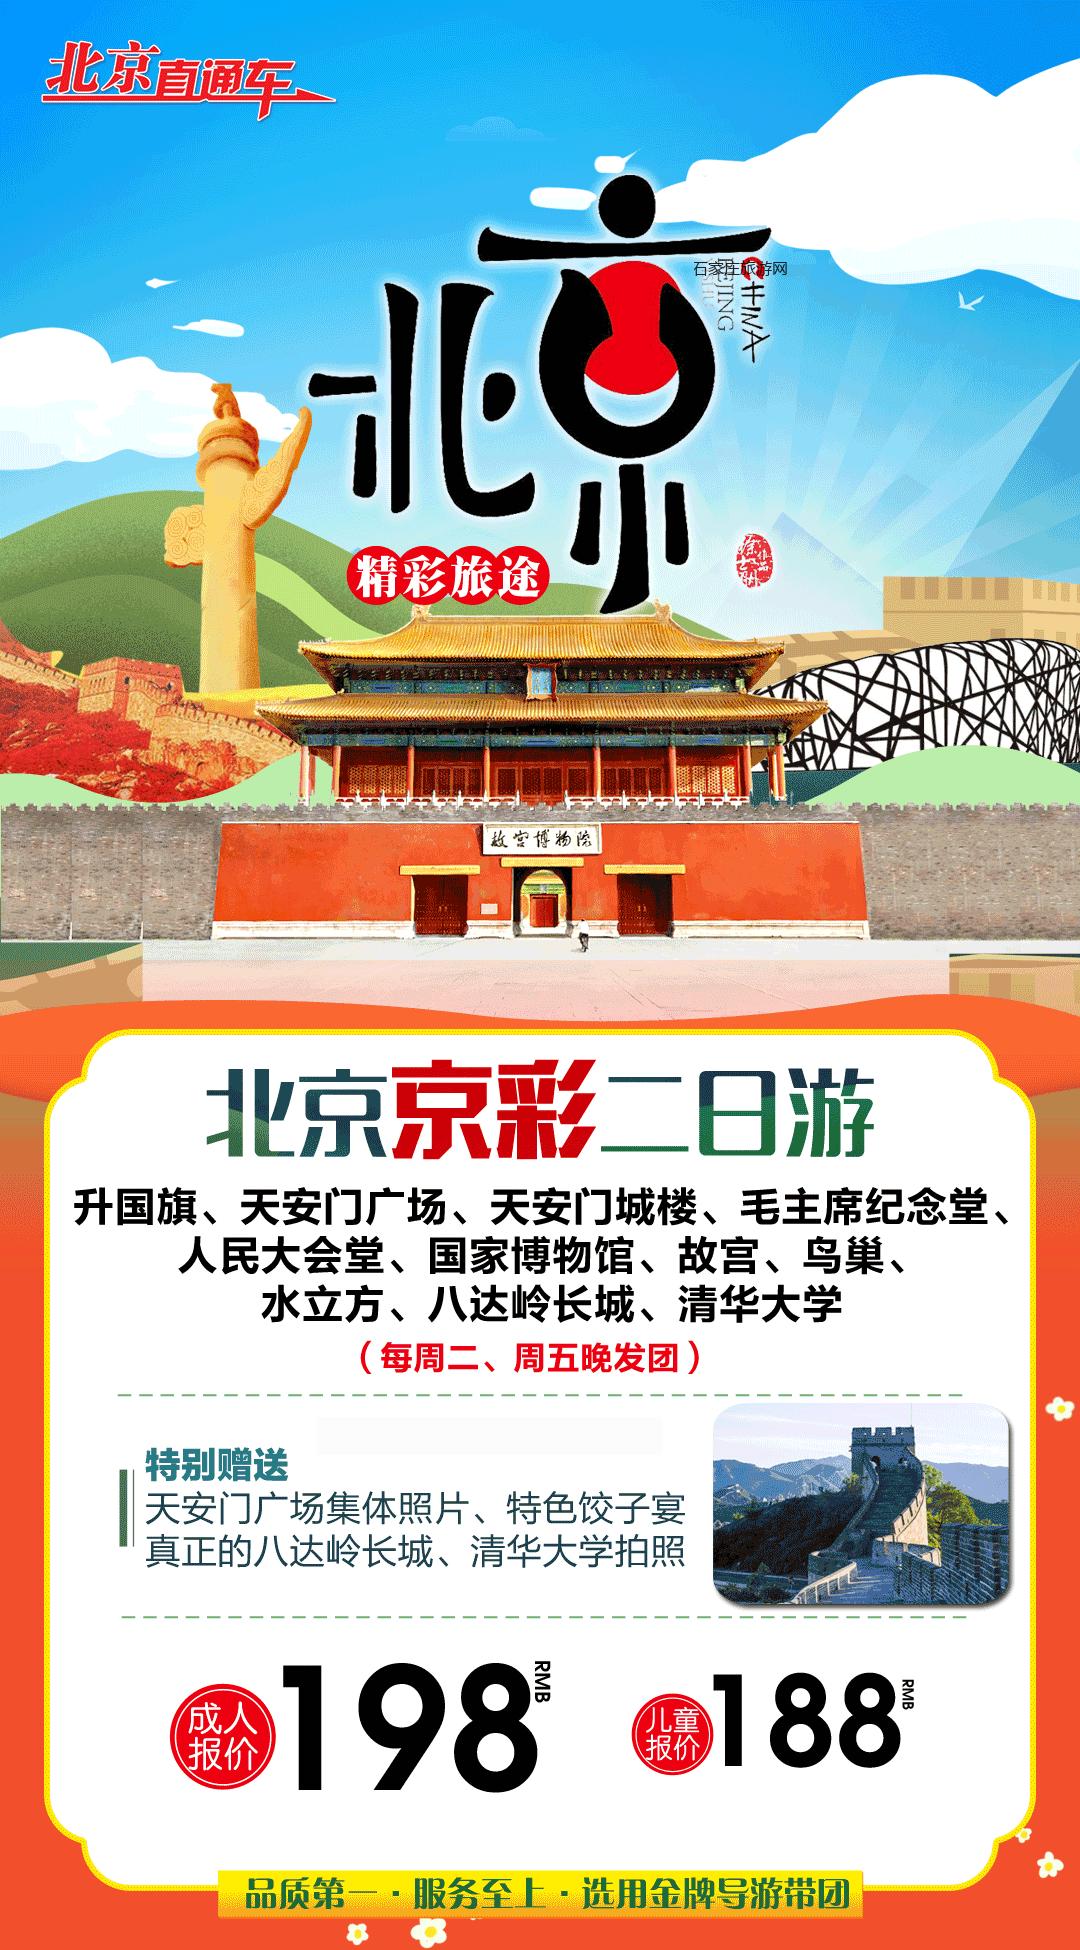 今日推荐丨北京京彩二日游